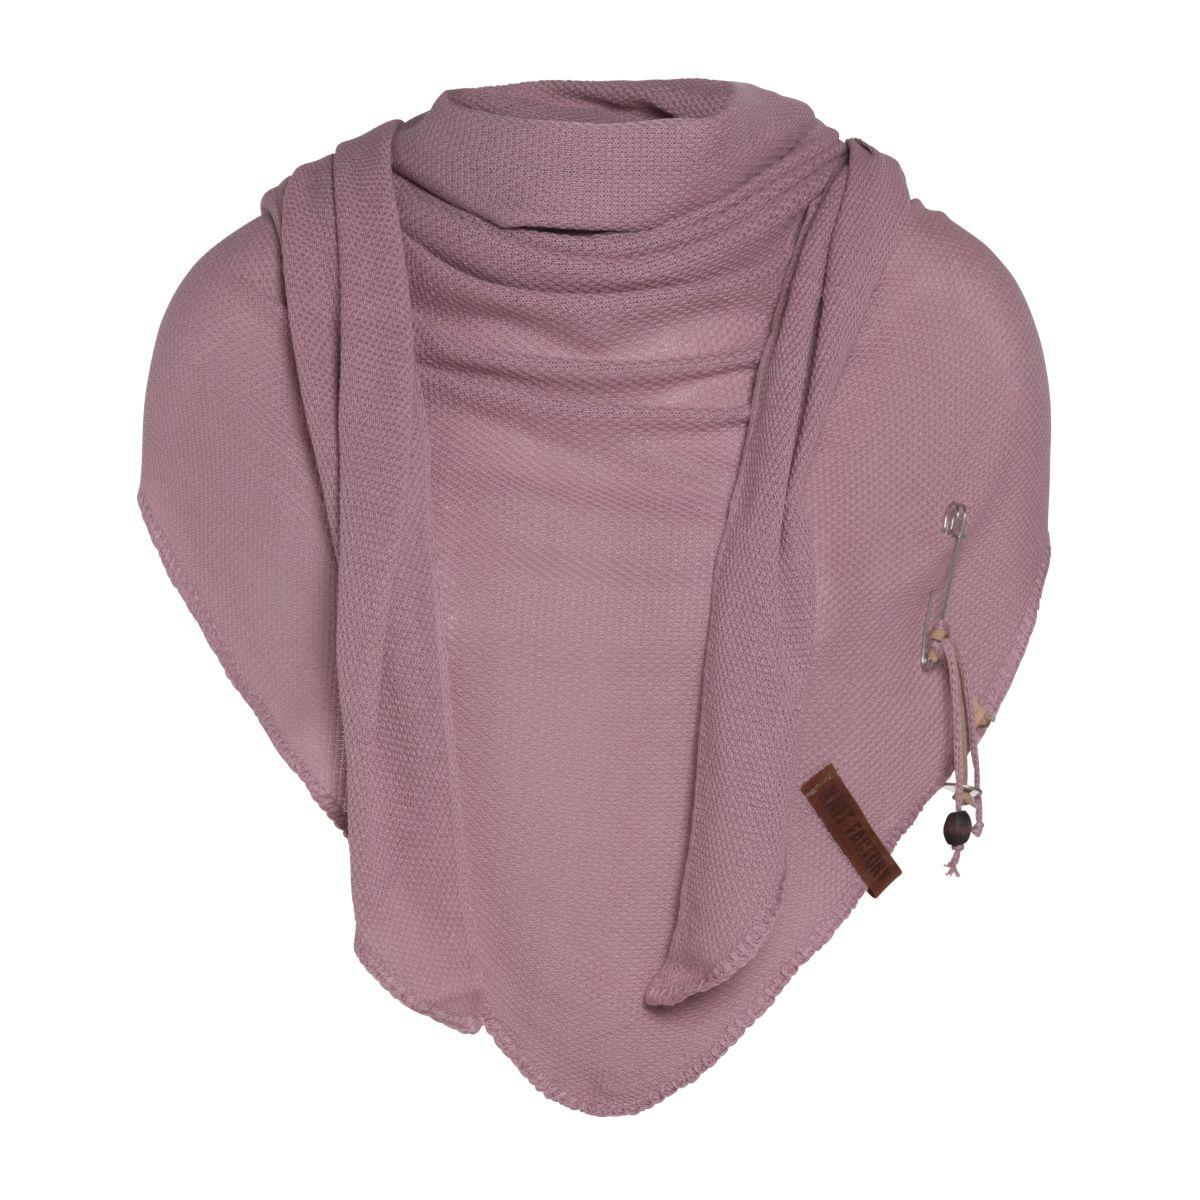 knit factory kf130060022 lola omslagdoek oud roze 1